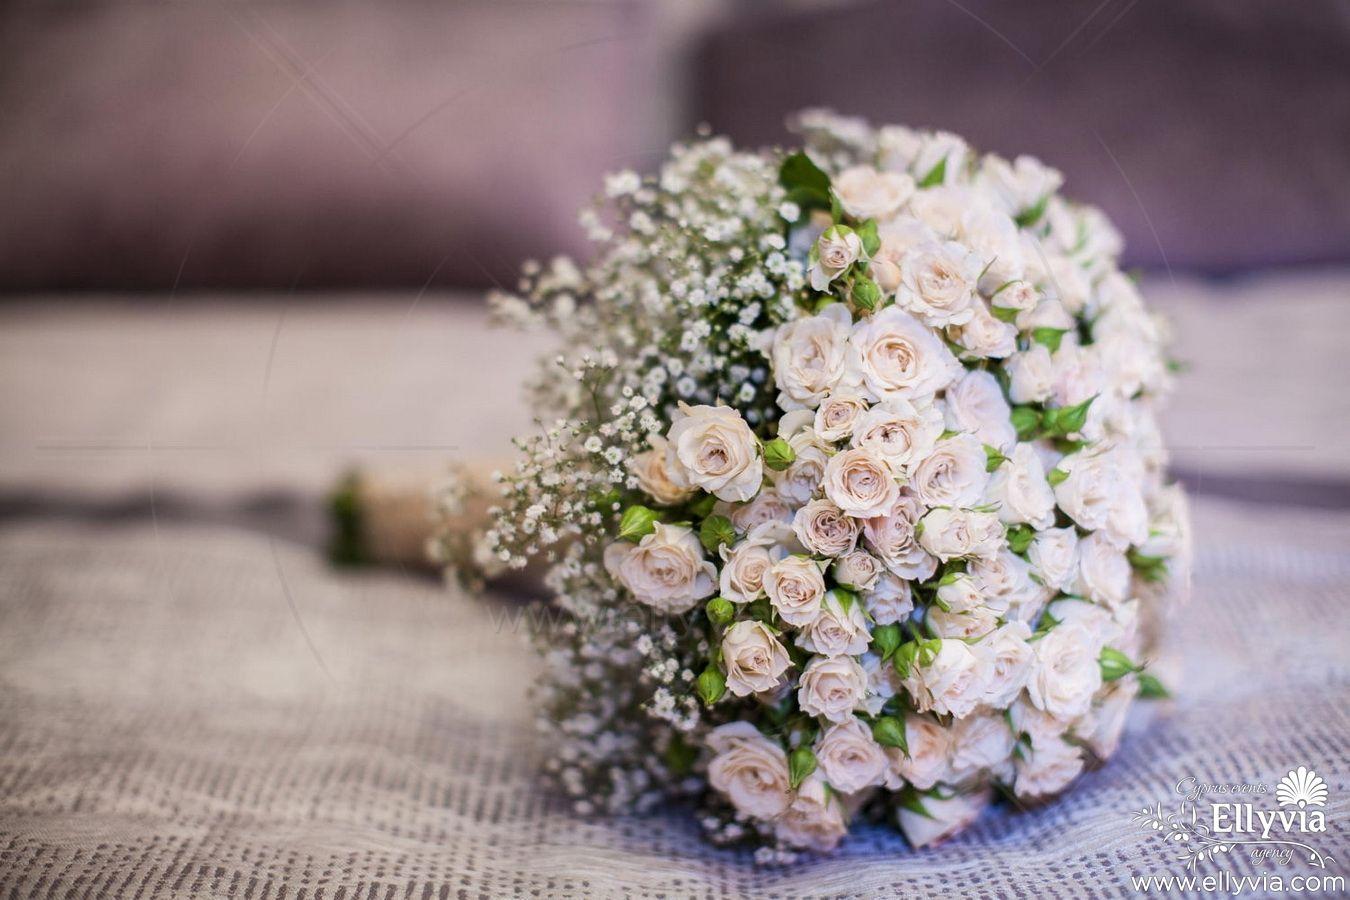 Доставка цветов в петербурге недорого